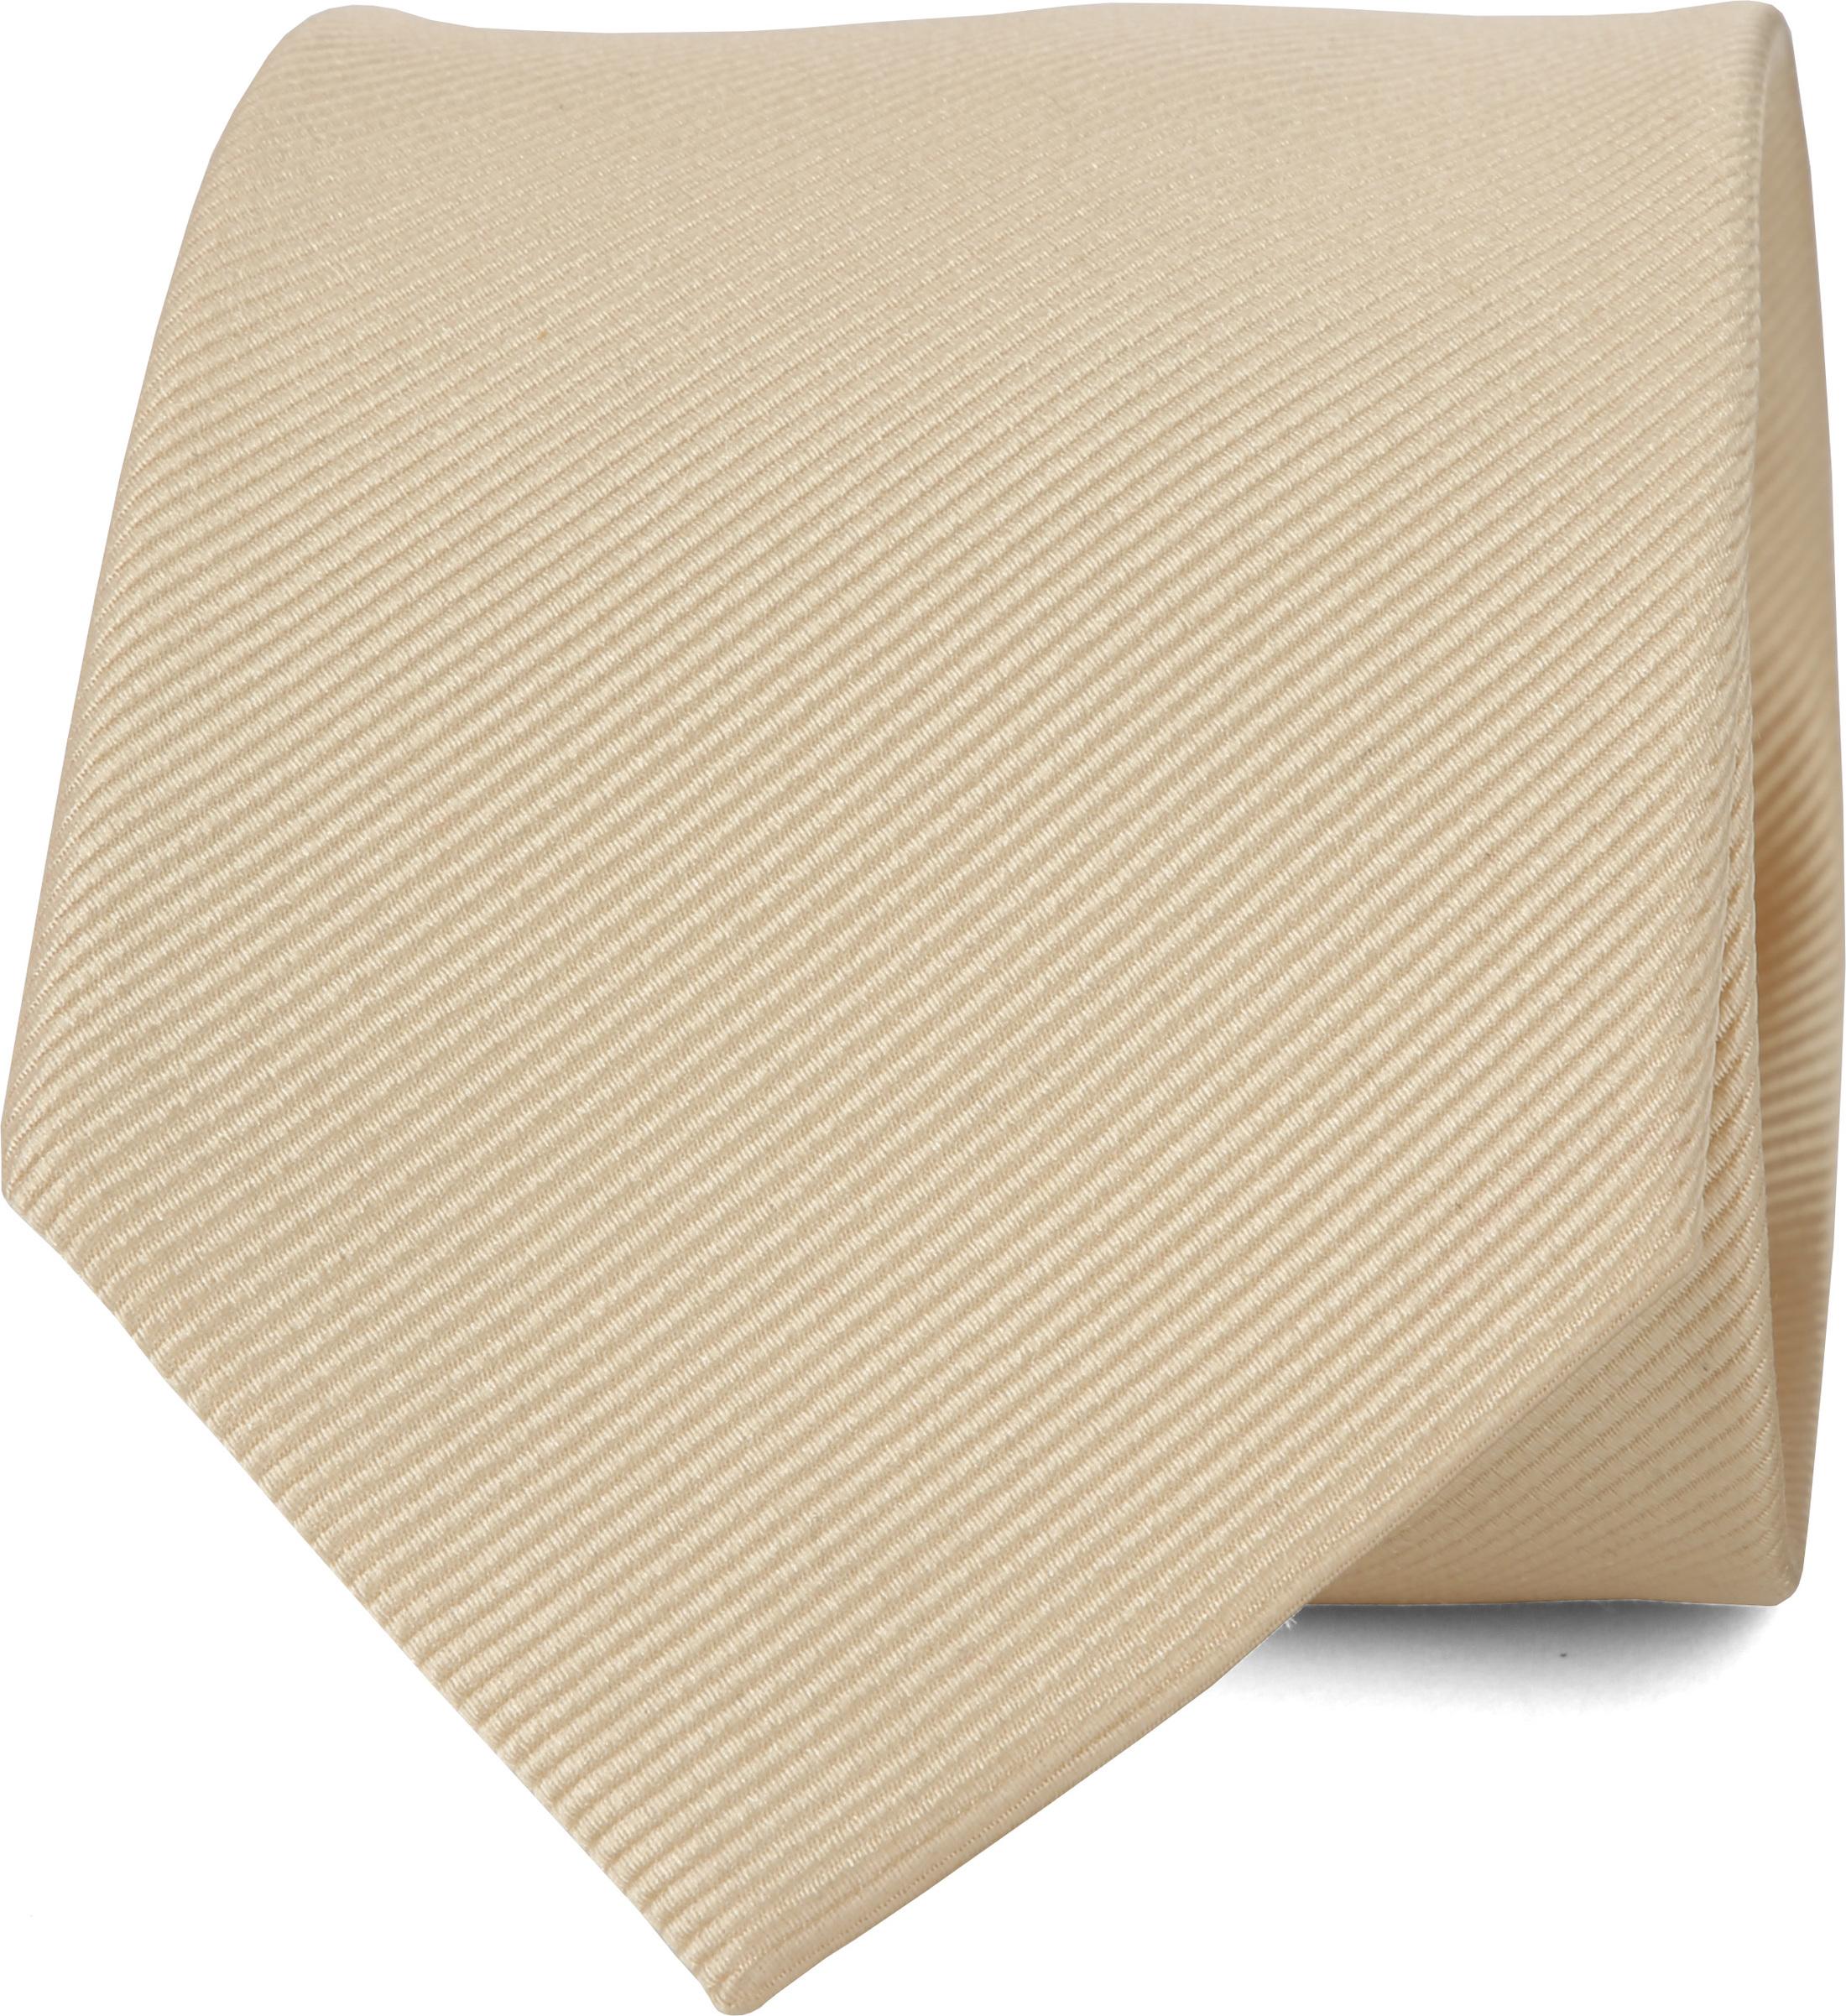 Krawatte Seide Champagner Uni F10 foto 0